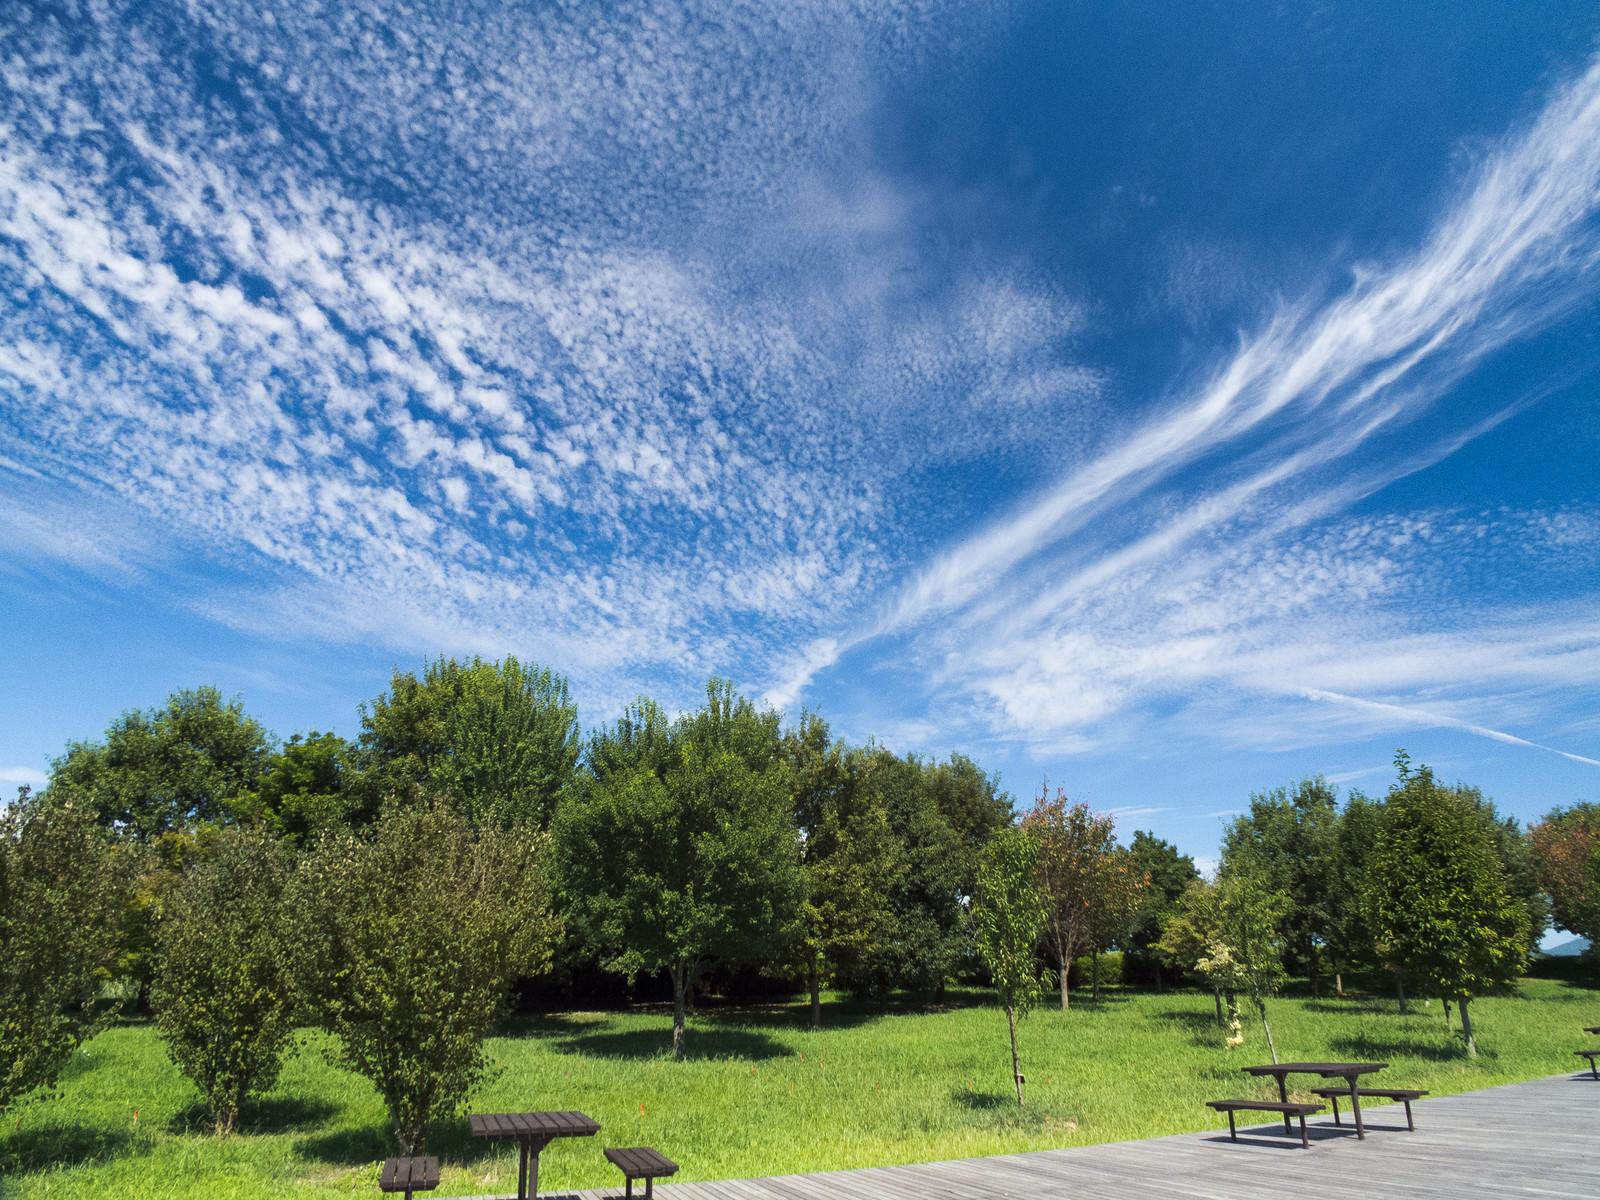 「青空と公園の木々」の写真